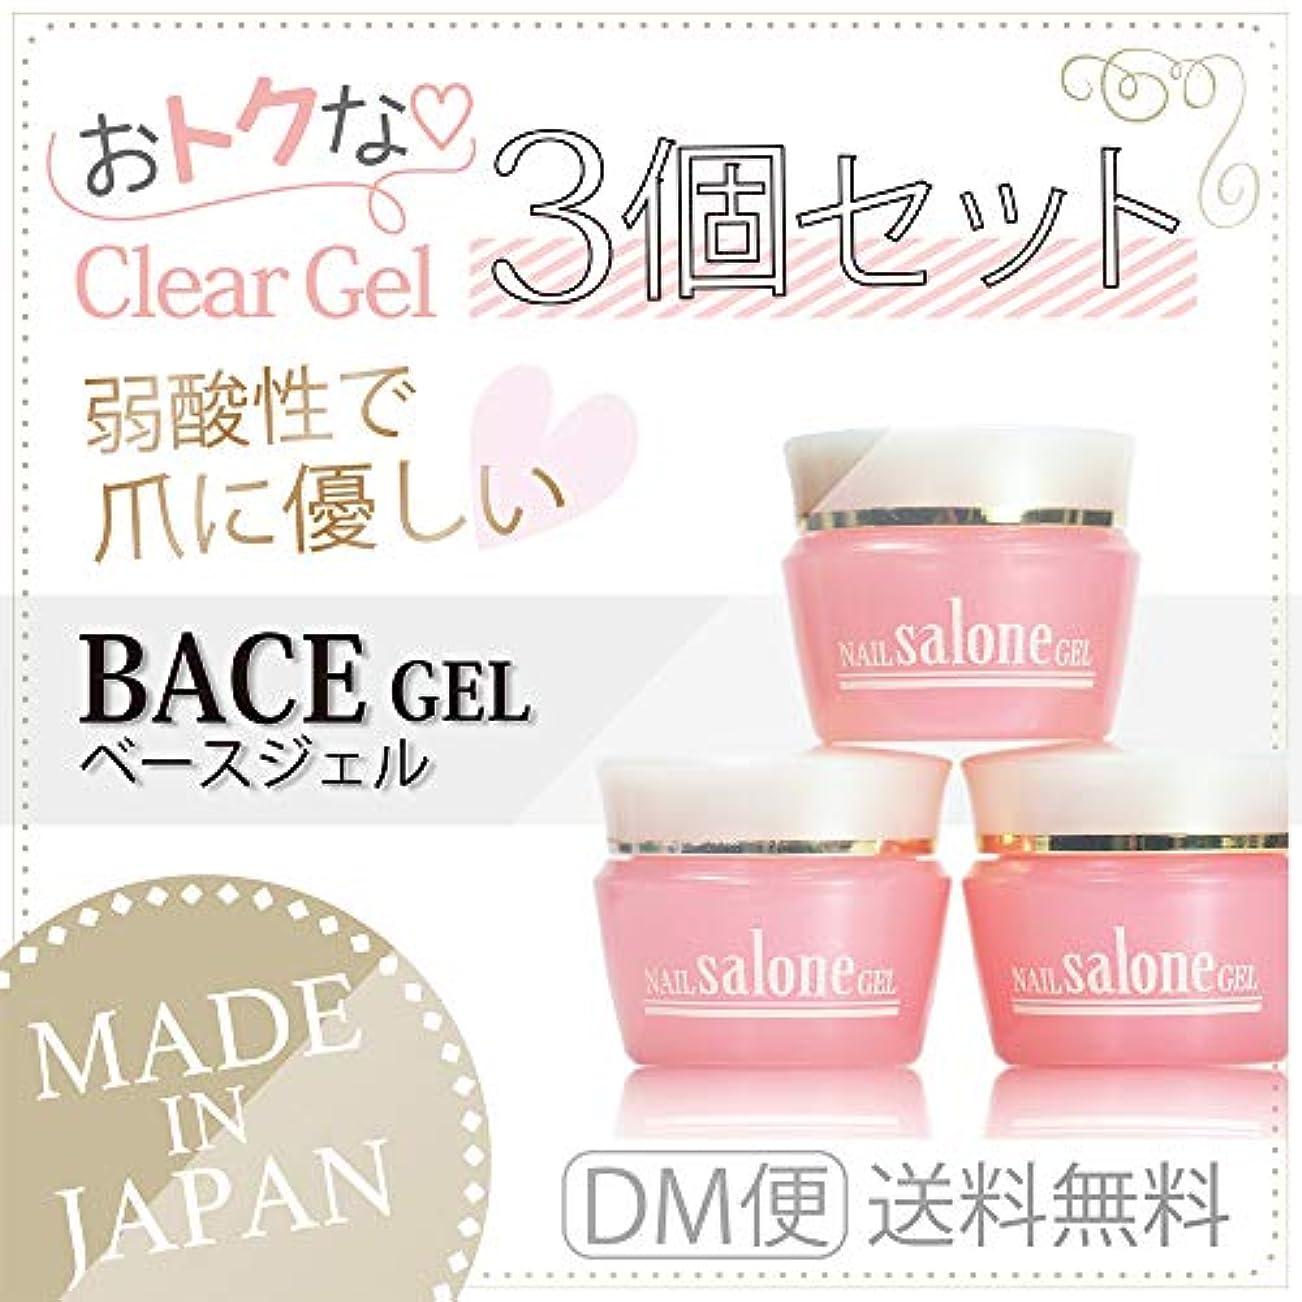 無効にする確保する出血Salone gel サローネ ベースジェル お得な3個セット 爪に優しい 日本製 驚きの密着力 リムーバーでオフも簡単3g